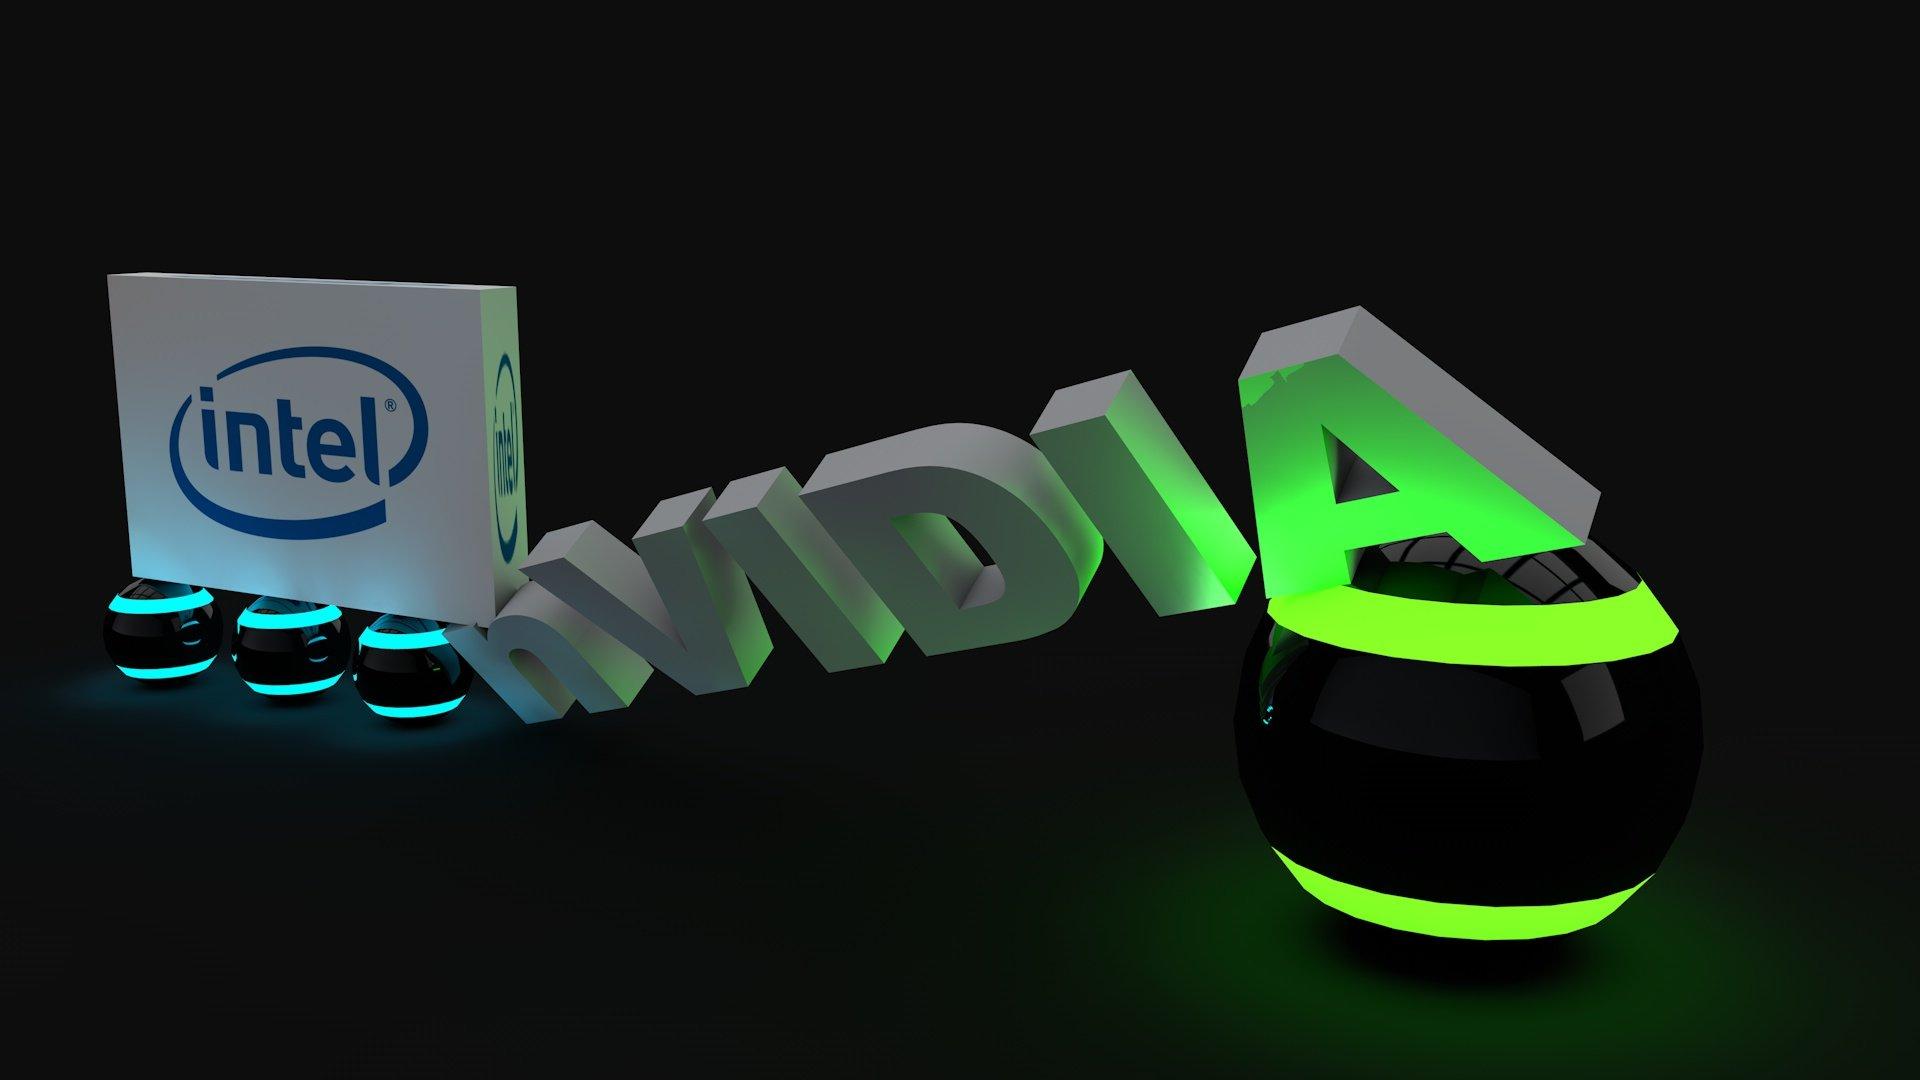 По результатам опроса в Steam, Intel и Nvidia все еще остаются самыми популярными